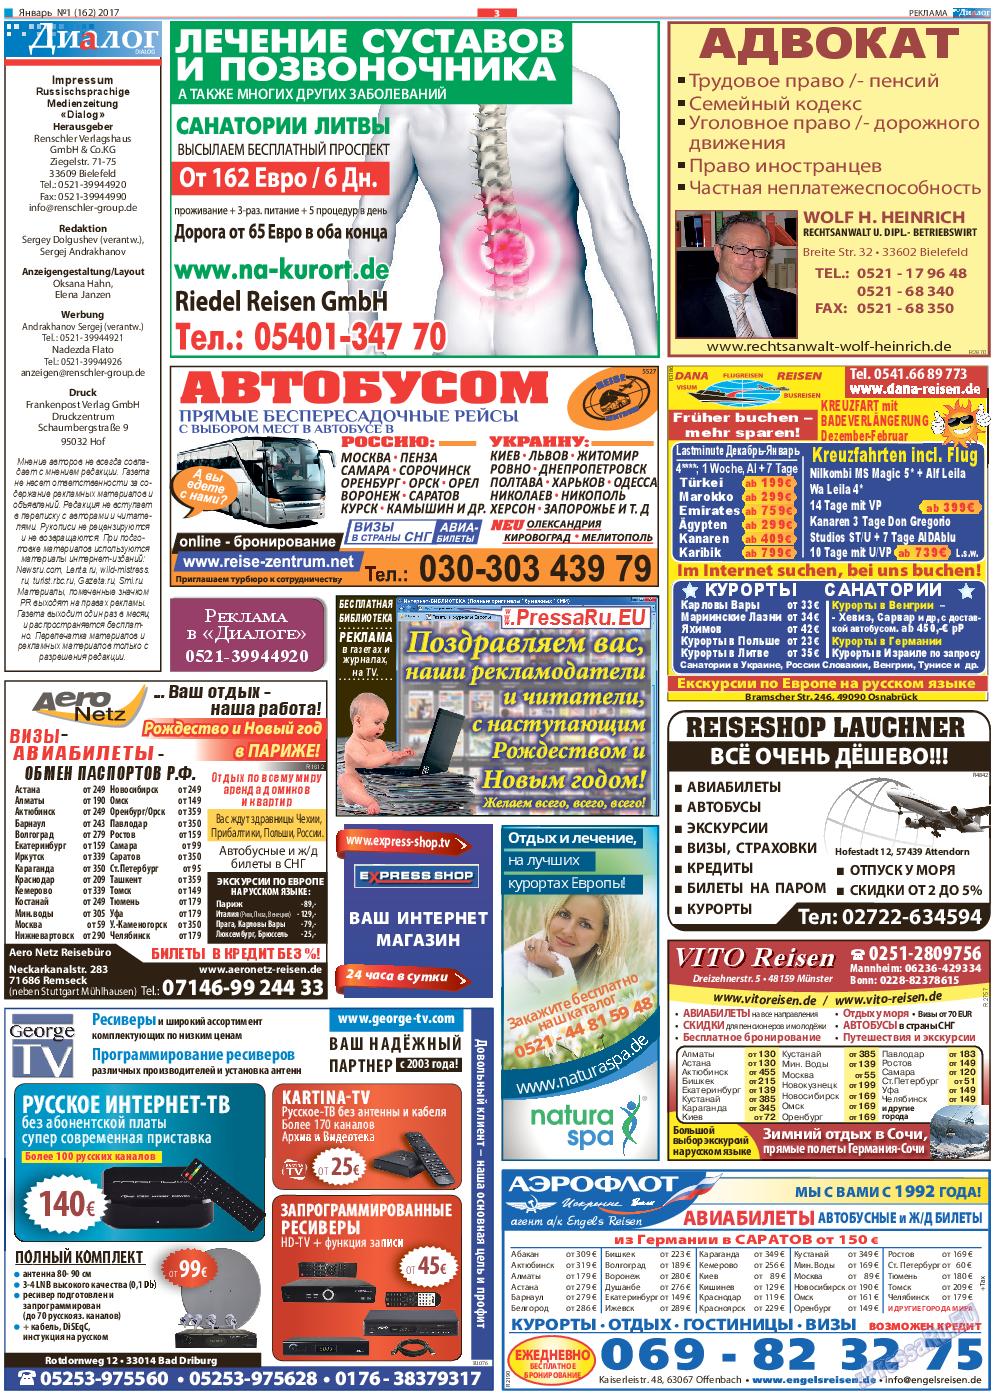 Бесплатное размещение объявлений в газетах журналах свежие вакансии в петропавловске